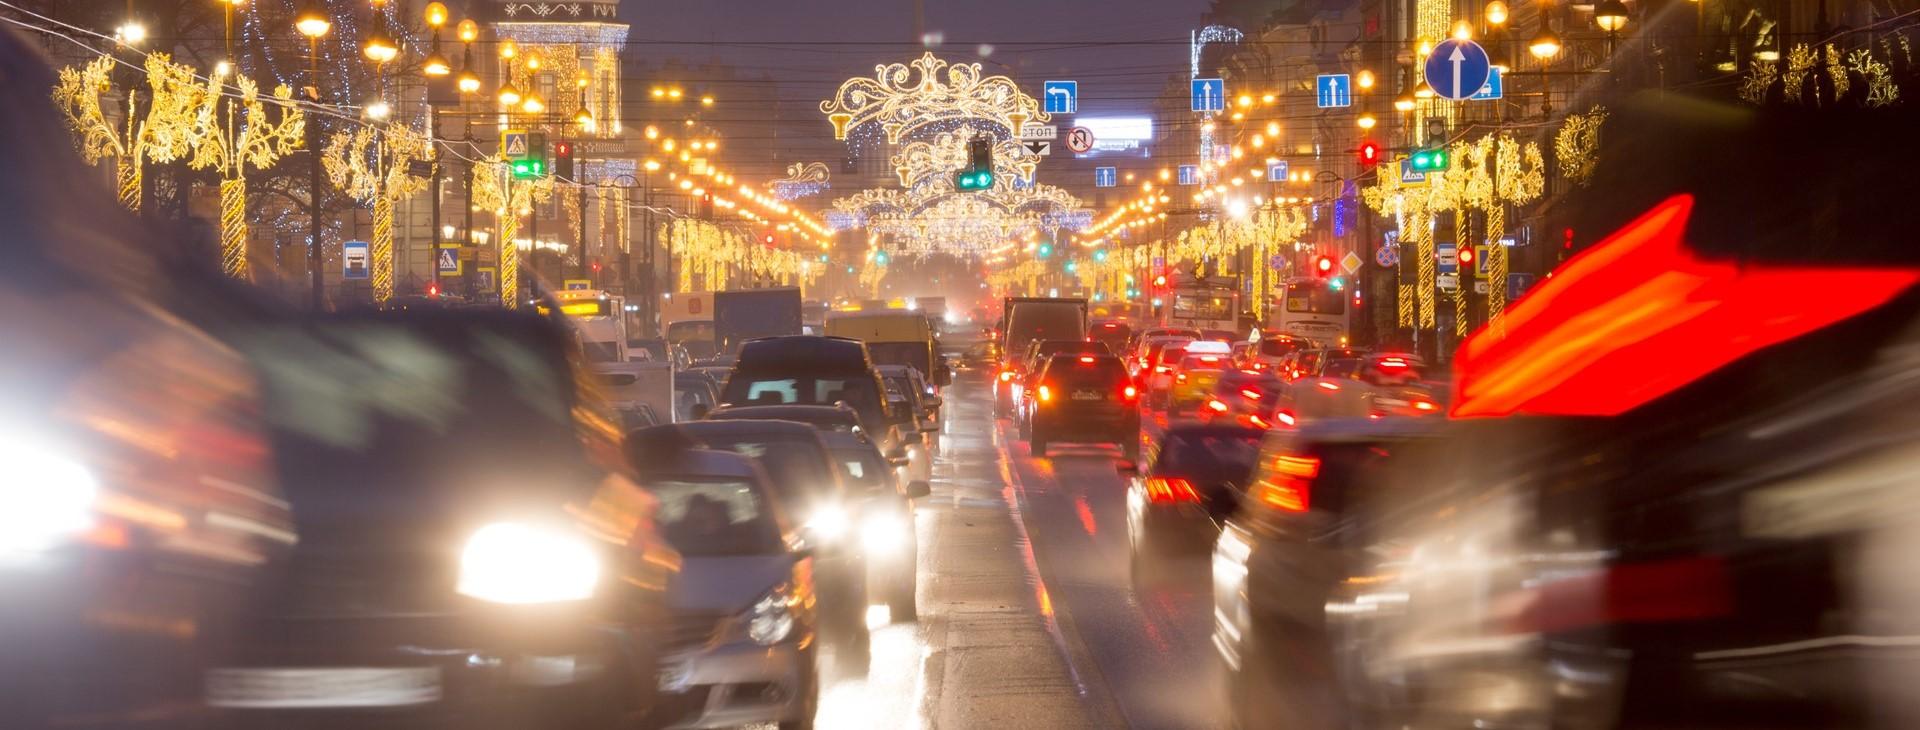 Не доехали до реформы: пандемия позволила отложить транспортные преобразования